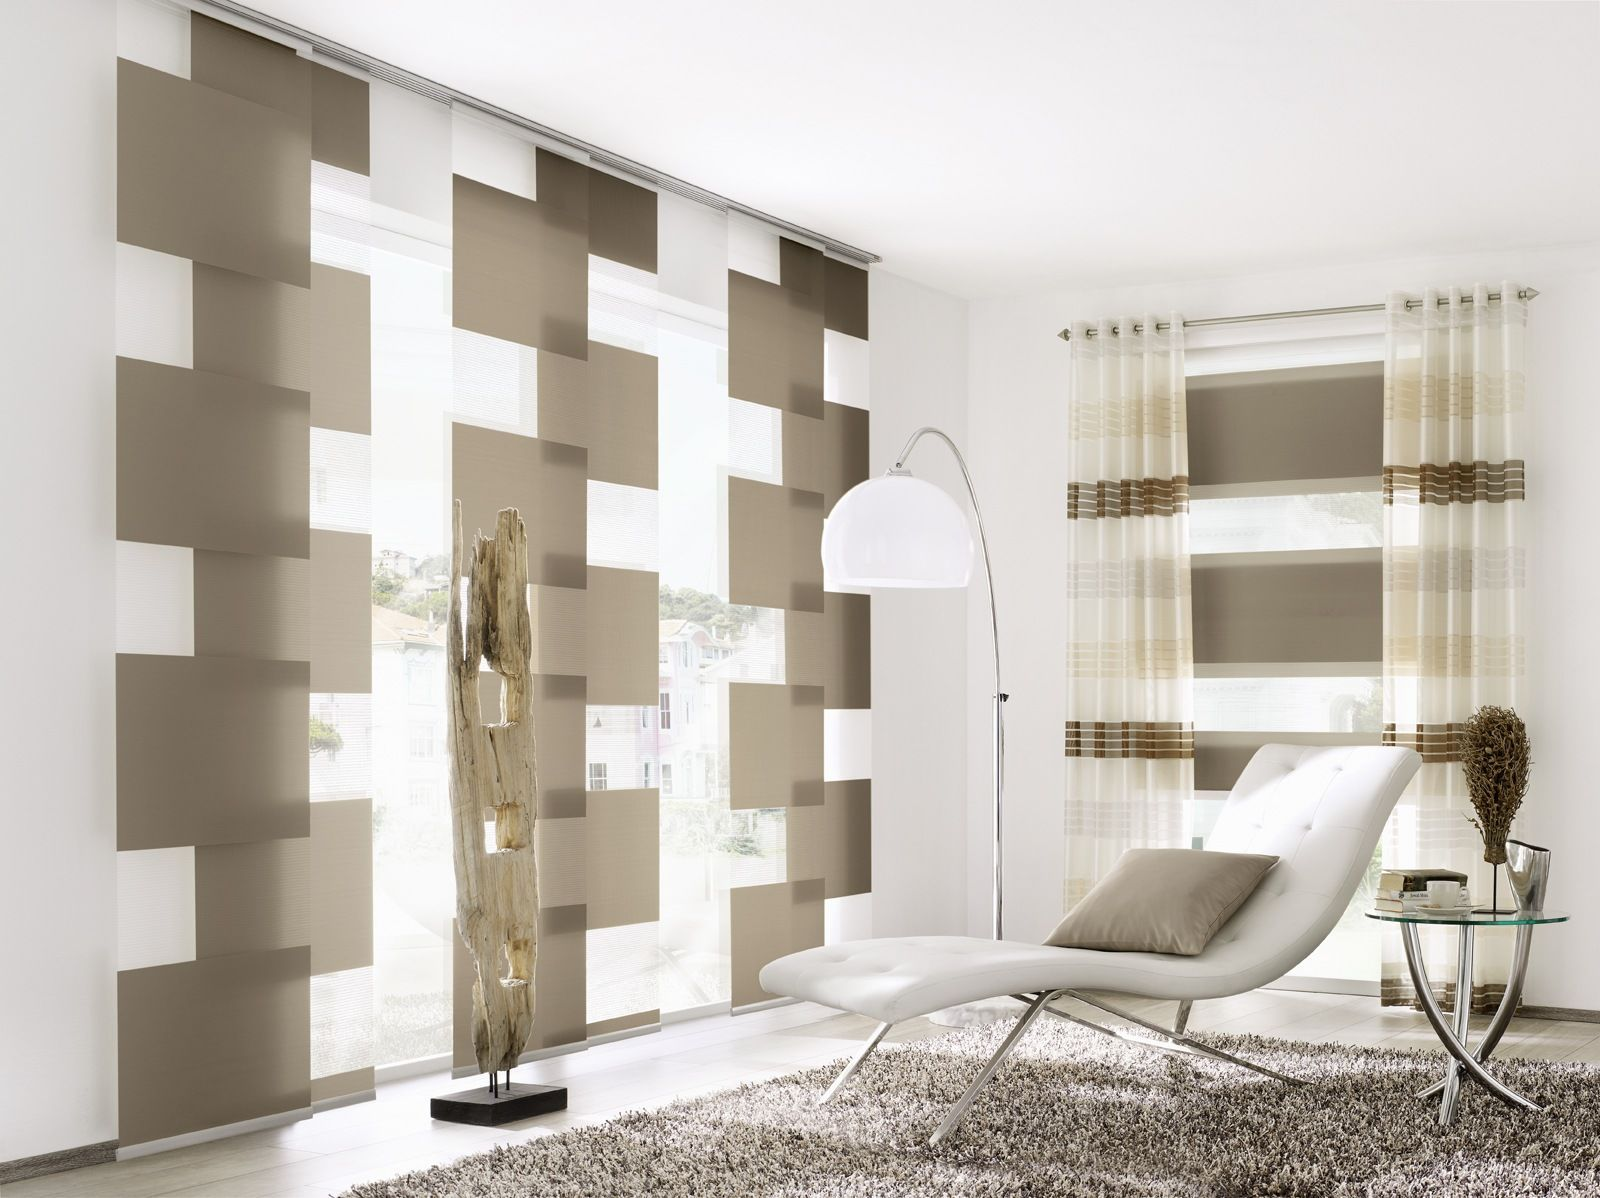 Bildergebnis fr moderne gardinen wohnzimmer  Wohnzimmer  Pinterest  Gardinen wohnzimmer